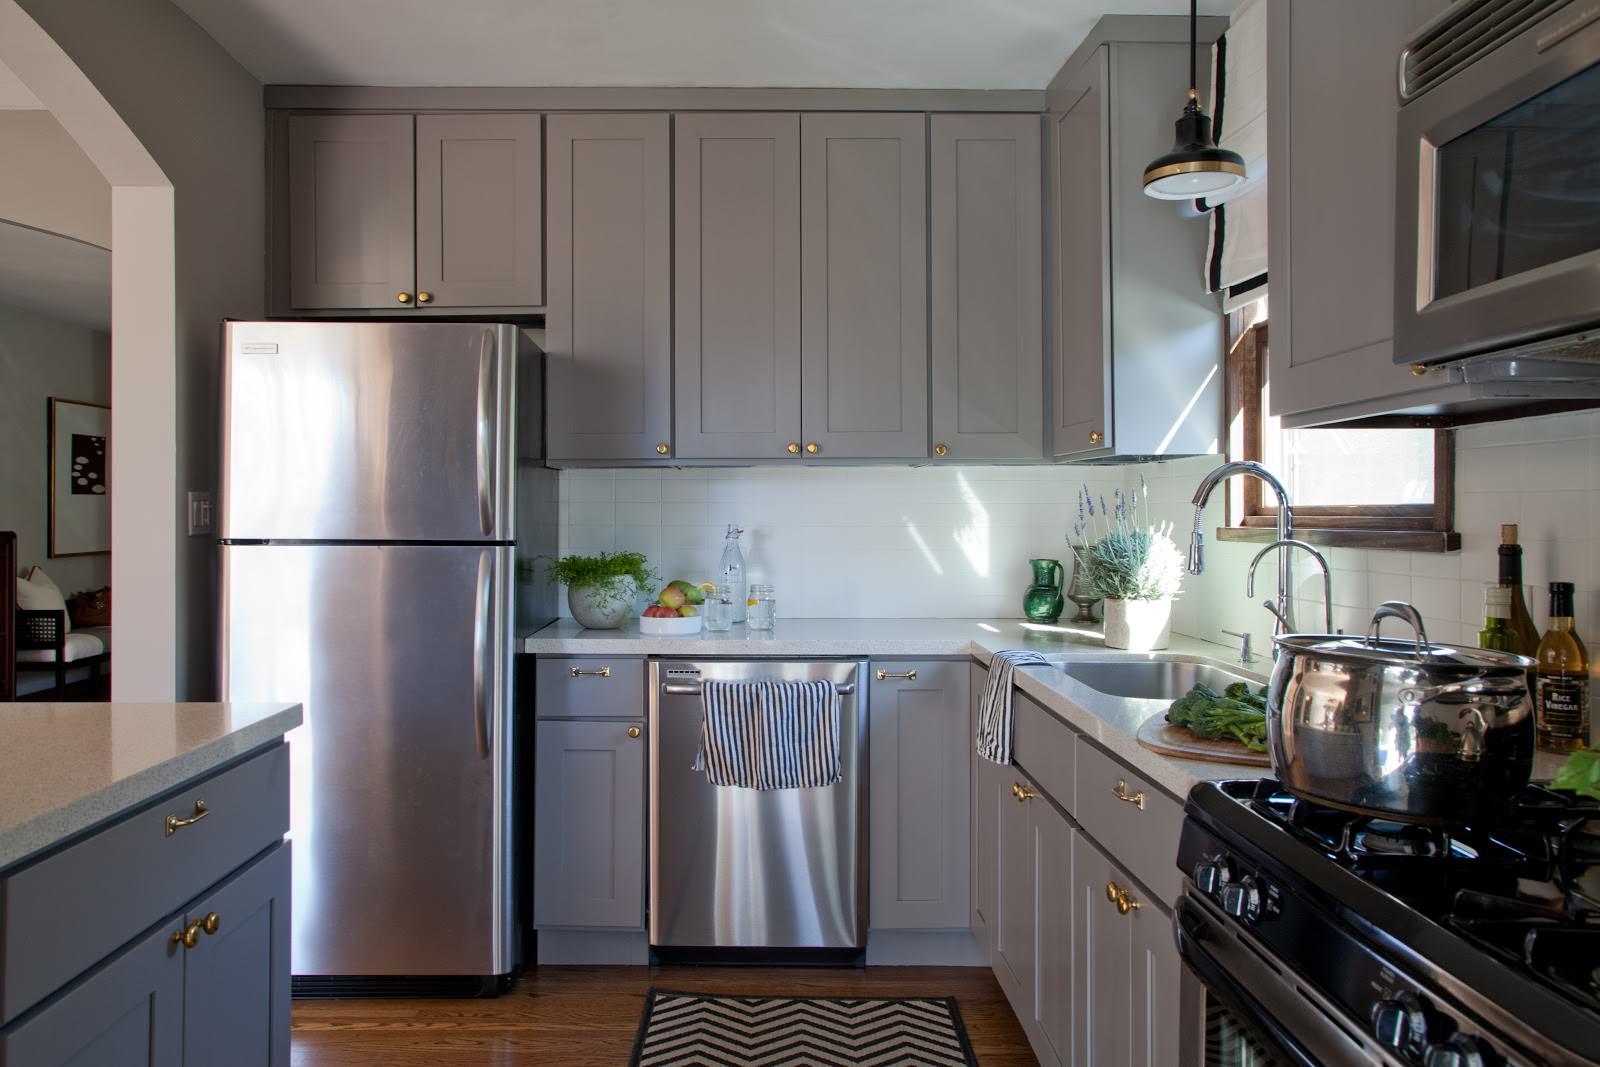 фото кухонь с серебристым серым холодильником мех